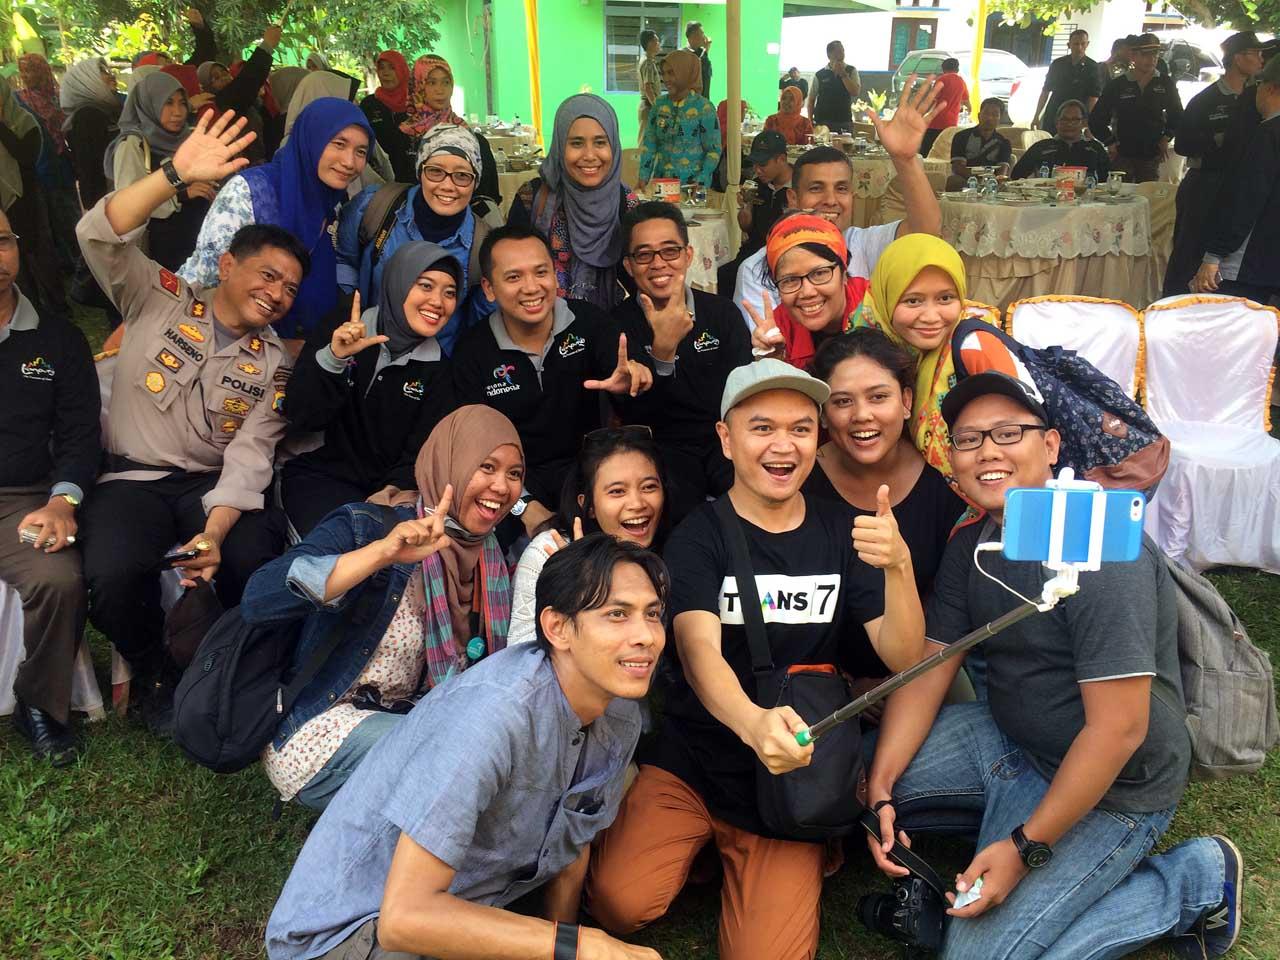 Festival Panen Padi - Wisata Lampung Timur - Yopie Pangkey - 1